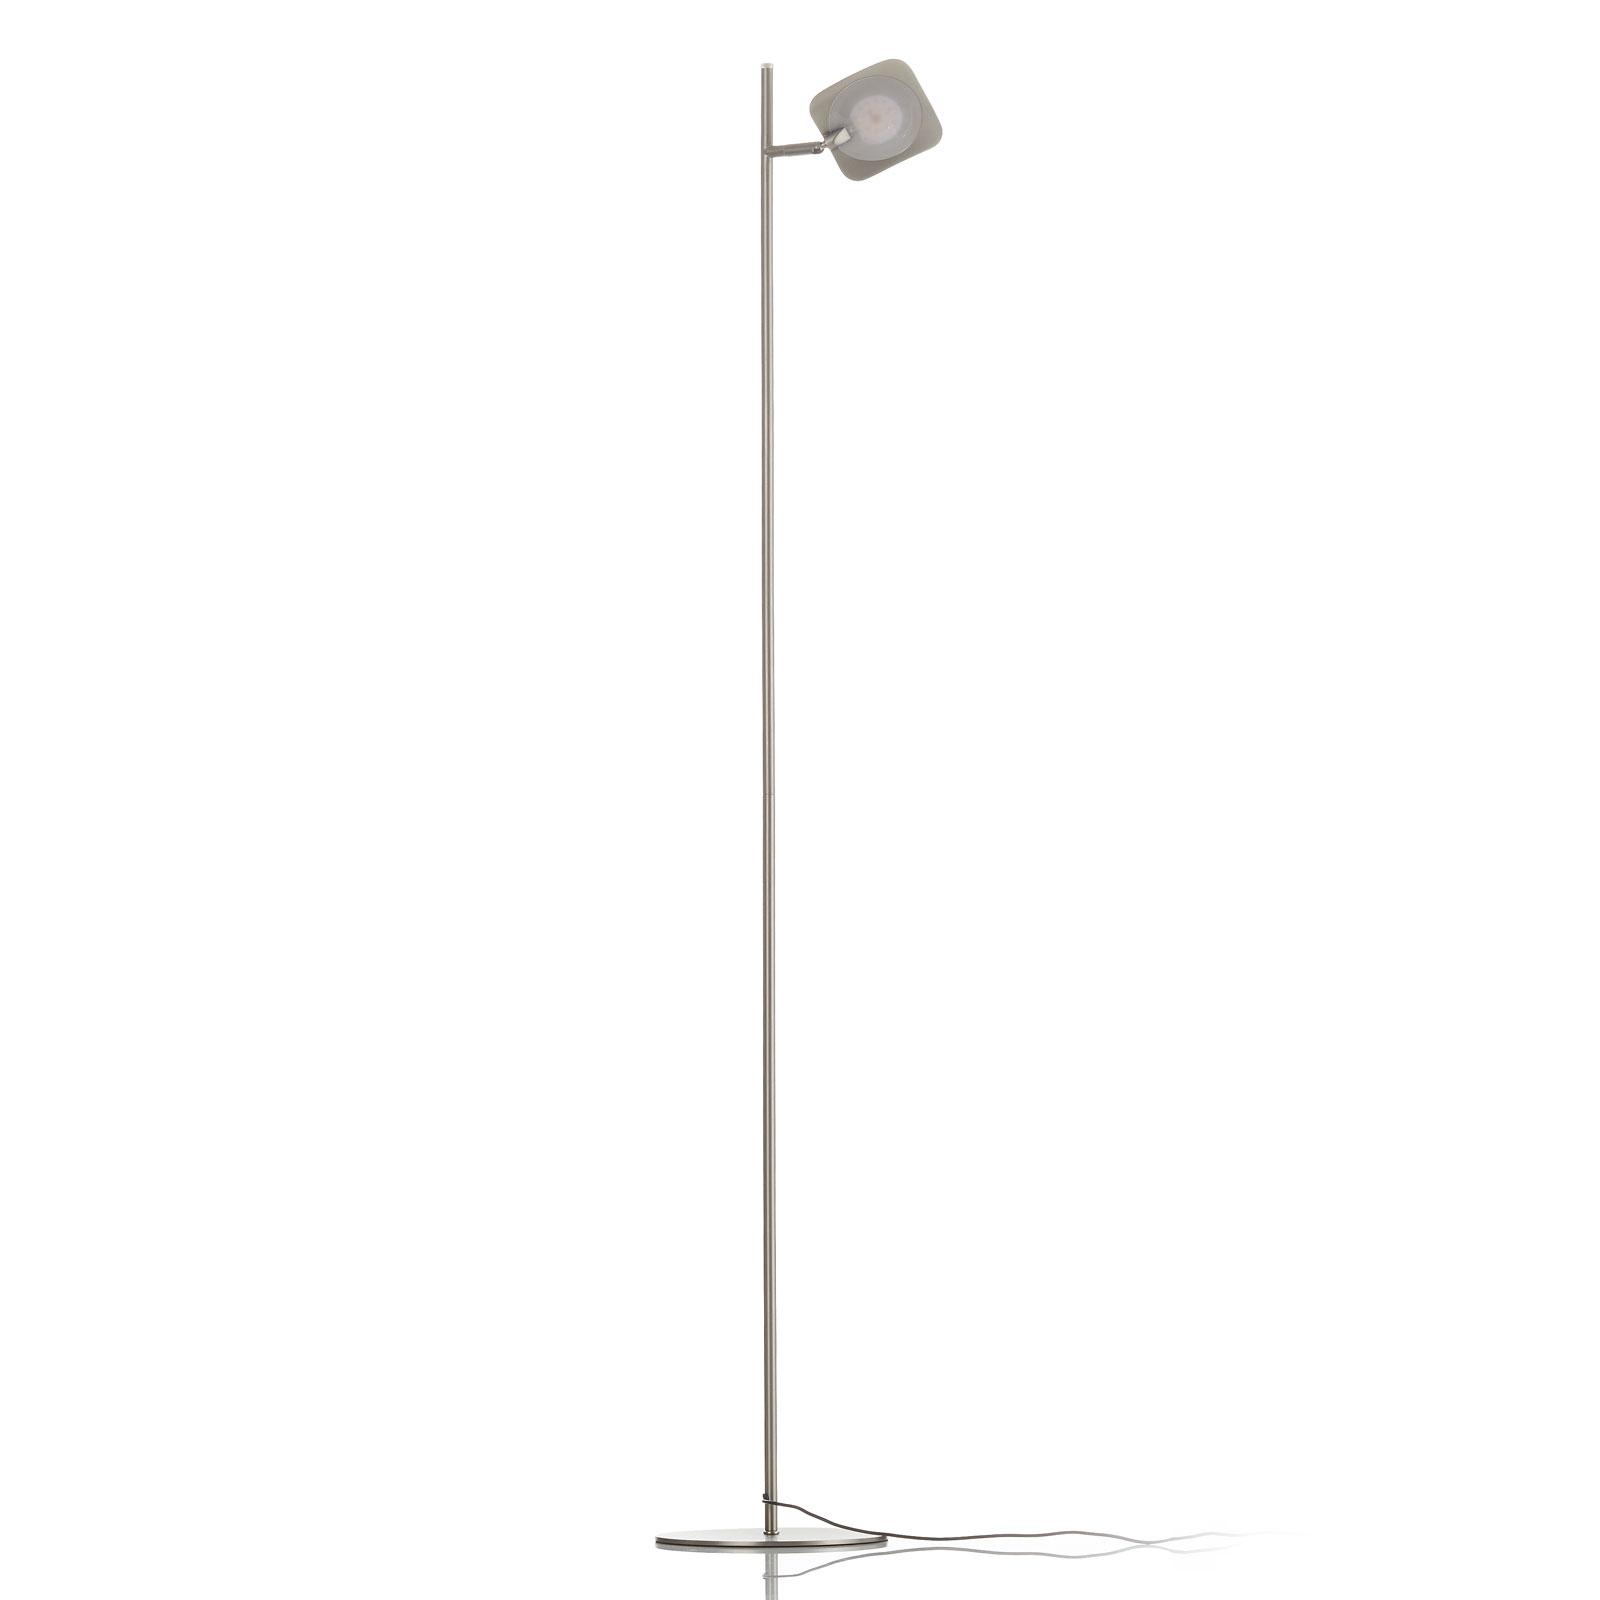 Acquista Lampada LED da terra Raggio, 1 luce